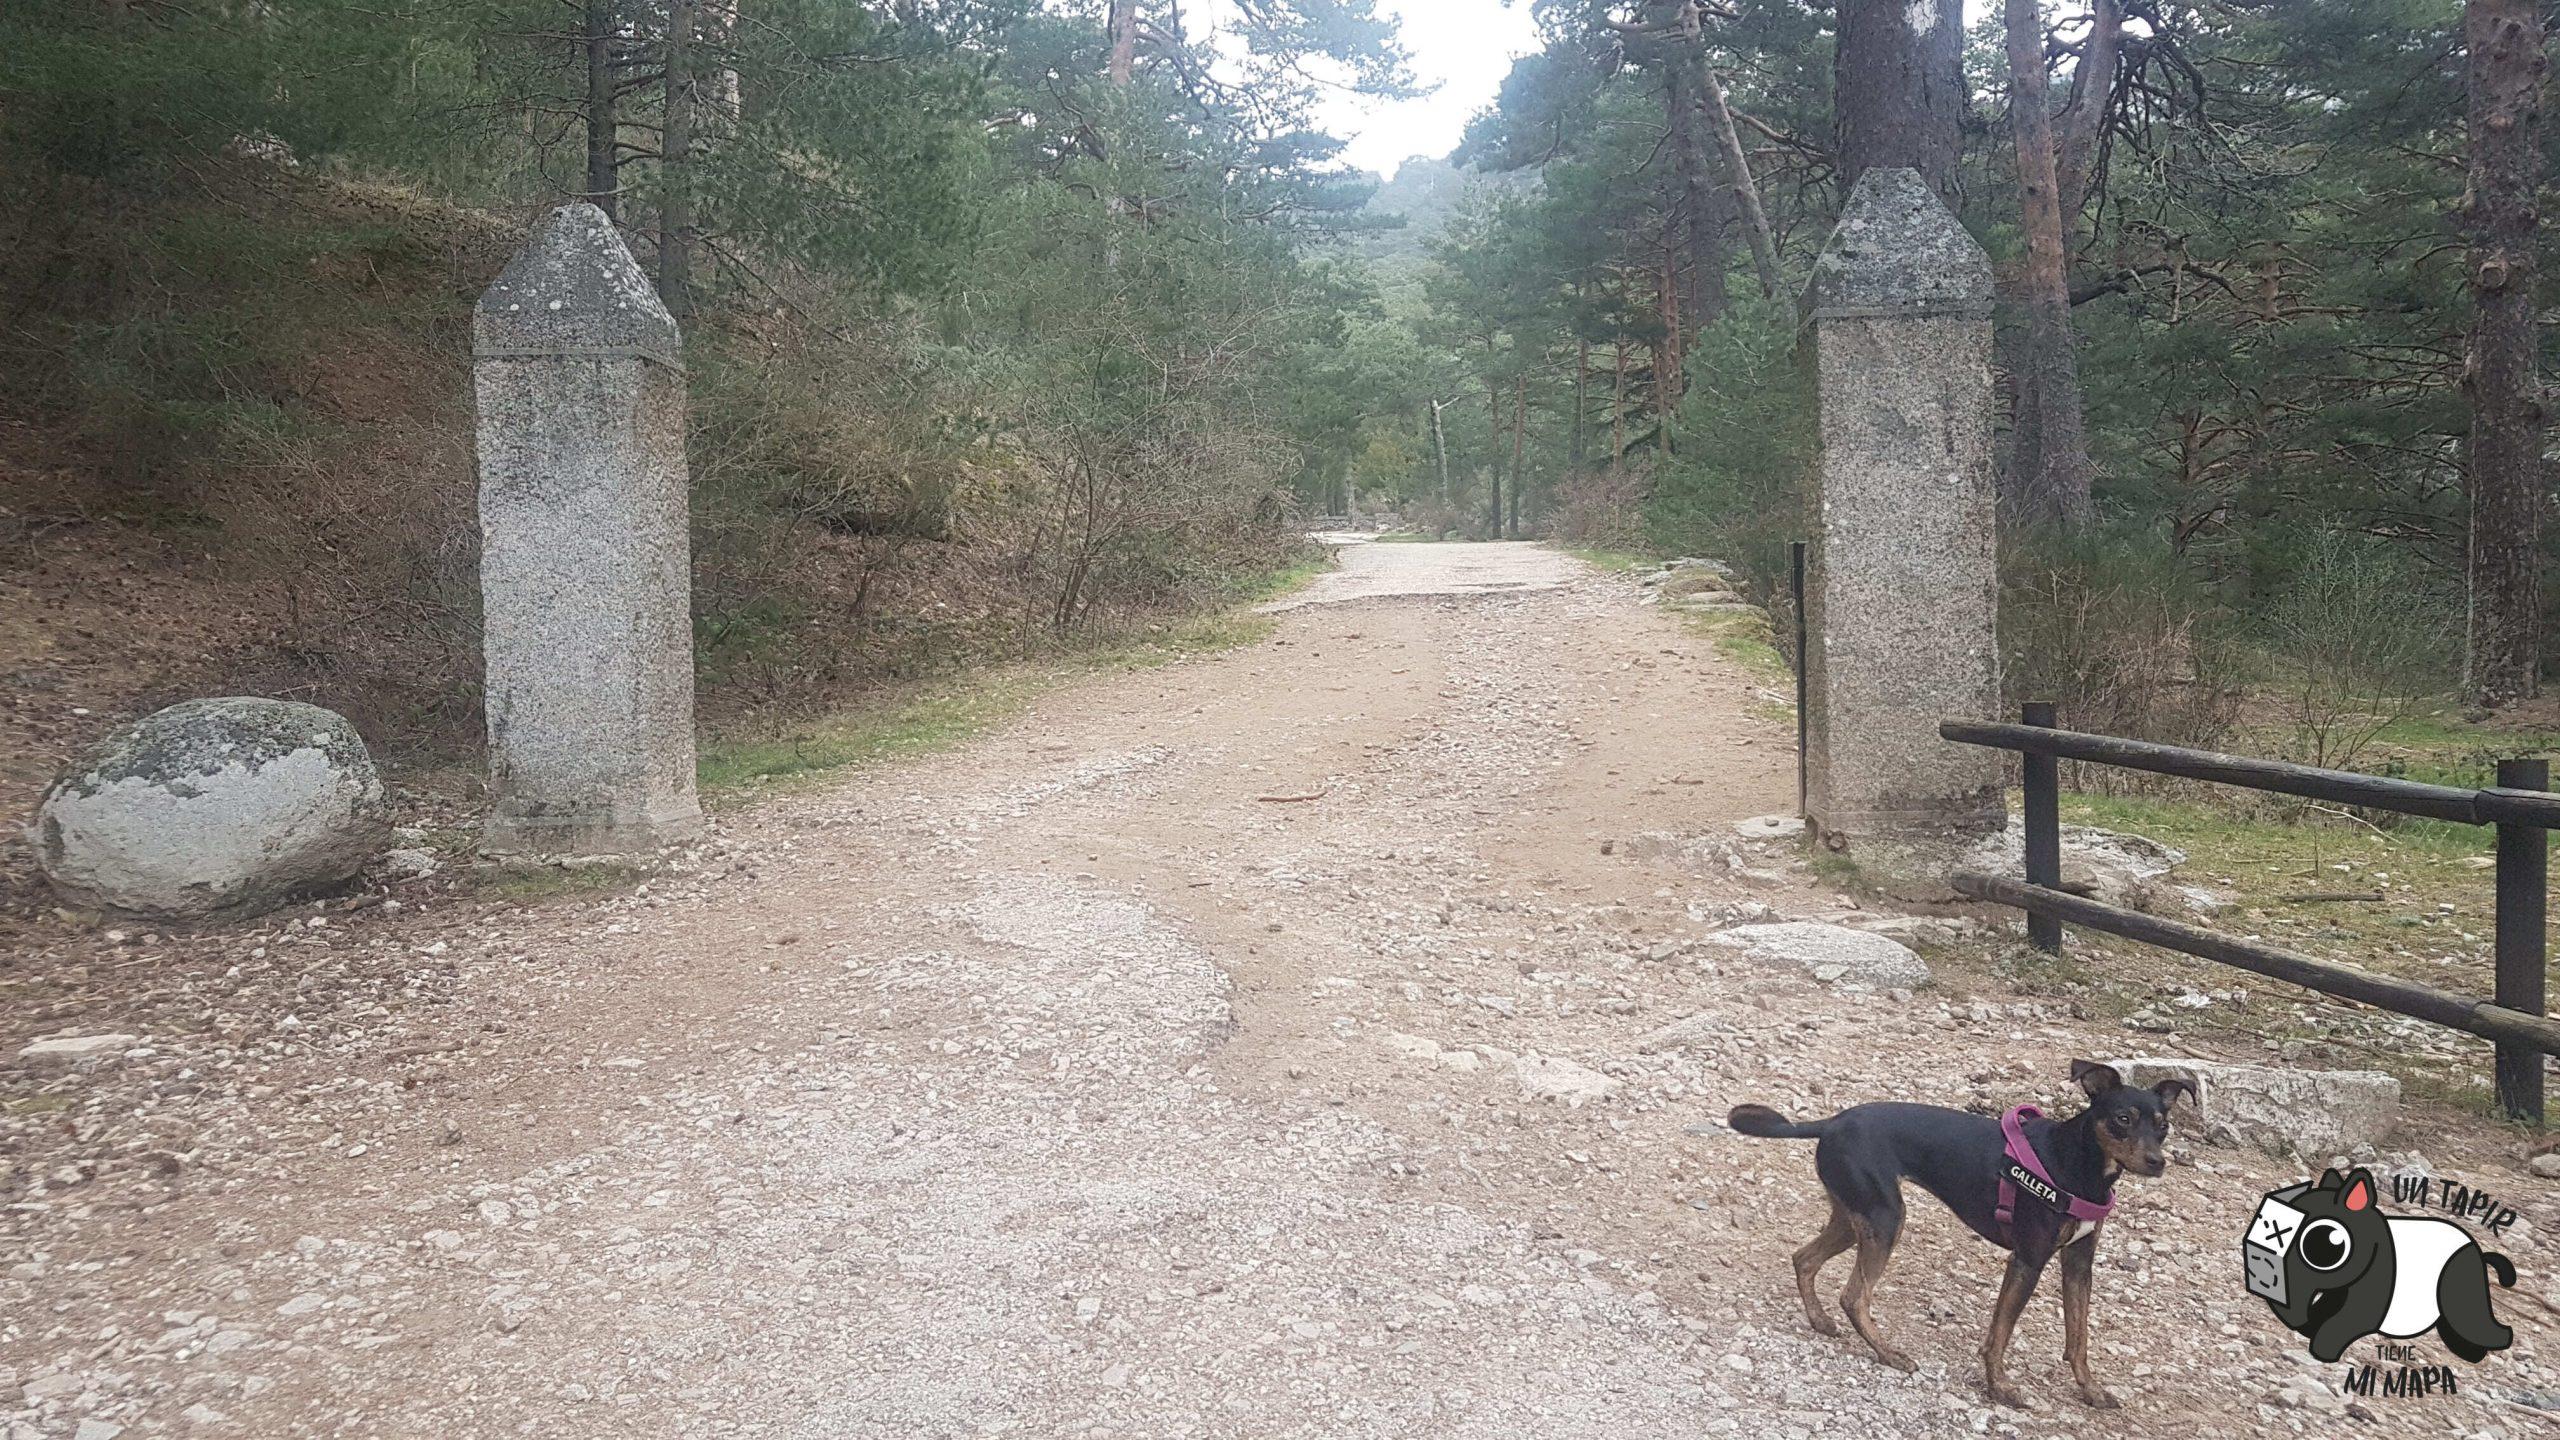 Parte de la ruta de los miradores, con mi perrita Galleta posando para la foto.